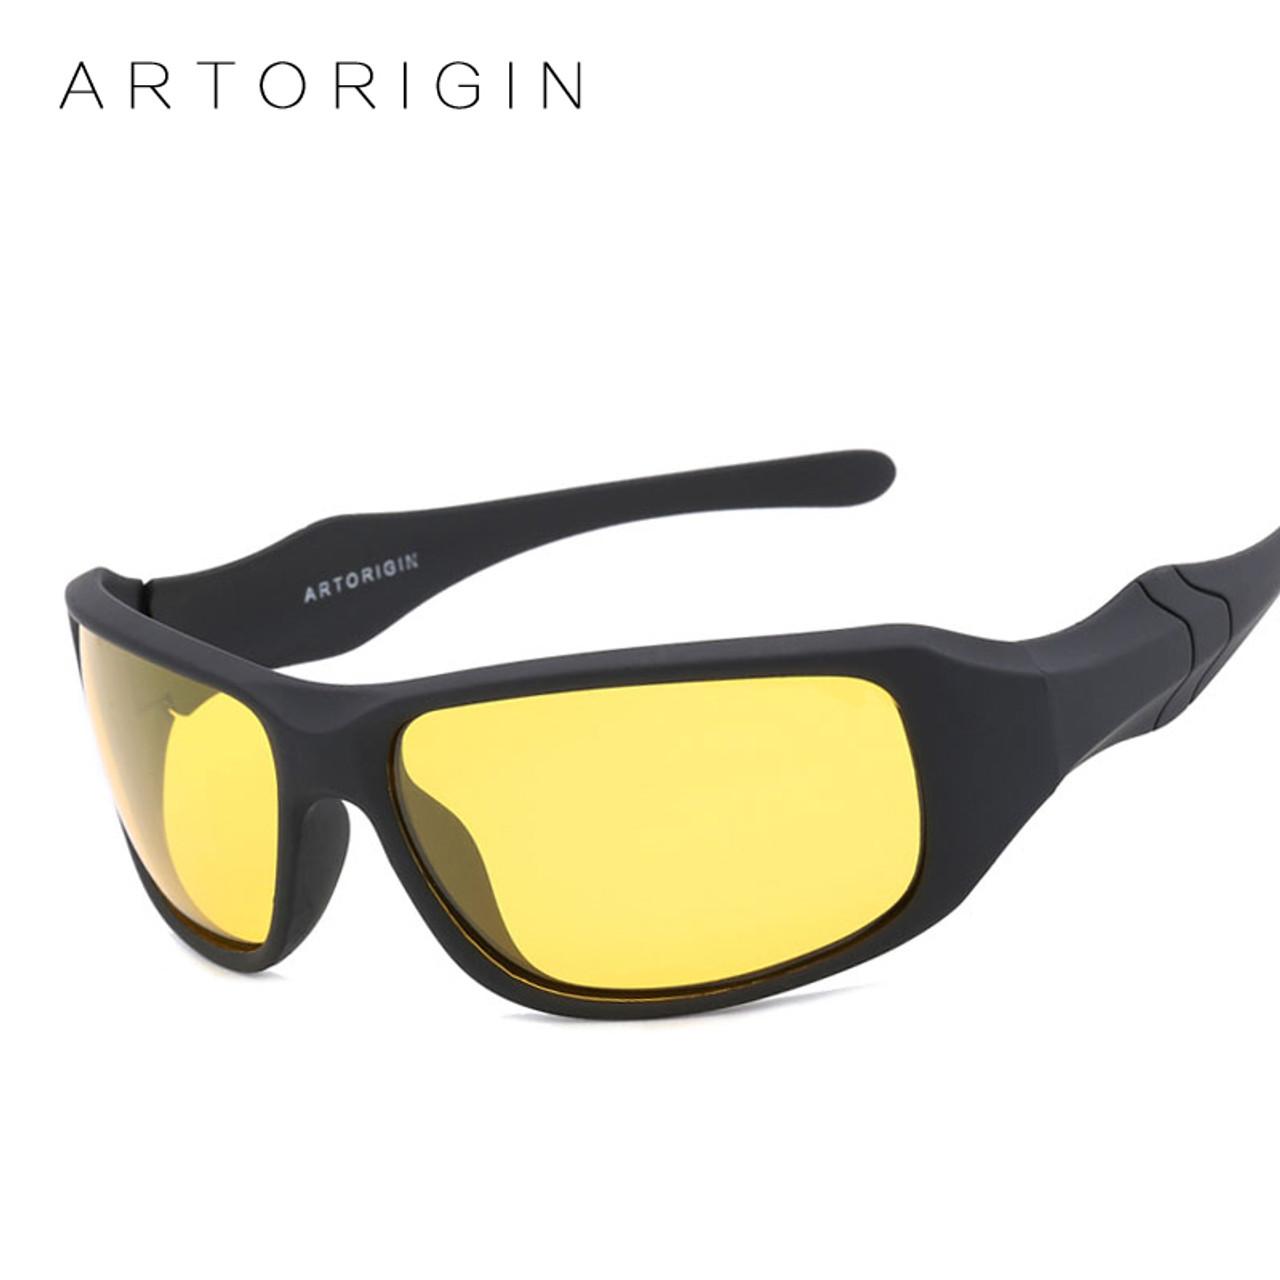 f635be2f89f ARTORIGIN Polarized Sunglasses Men Women Night Vision Goggles Driving  Glasses Anti Glare Safety Sunglass With Box ...